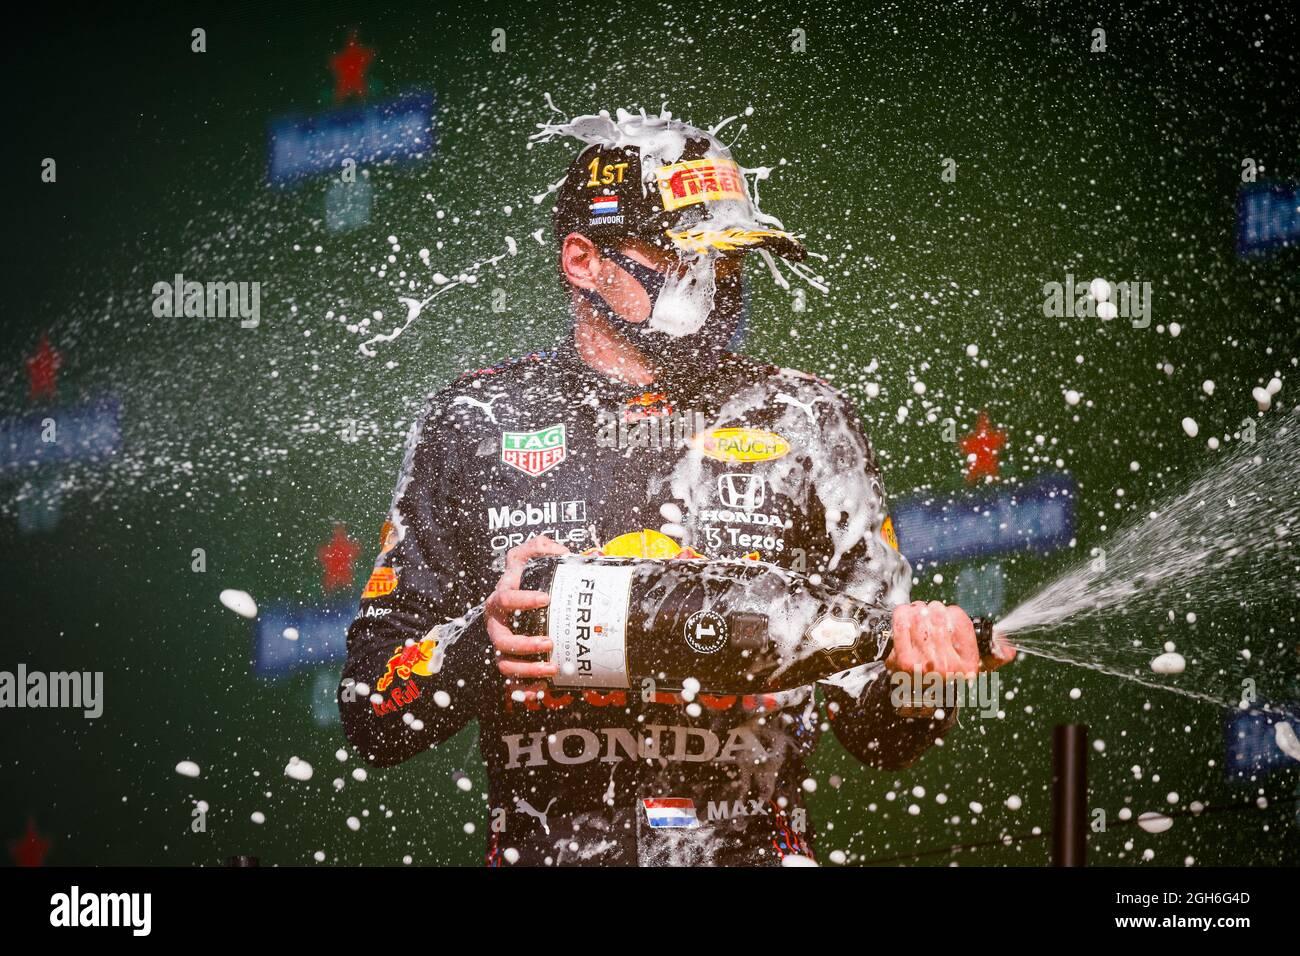 VERSTAPPEN Max (NED), Red Bull Racing Honda RB16B, Portrait Podium während der Formel 1 Heineken Dutch Grand Prix 2021, 13. Lauf der FIA Formel 1 Weltmeisterschaft 2021 vom 3. Bis 5. September 2021 auf dem Circuit Zandvoort, in Zandvoort, Niederlande - Foto Florent Gooden / DPPI Stockfoto